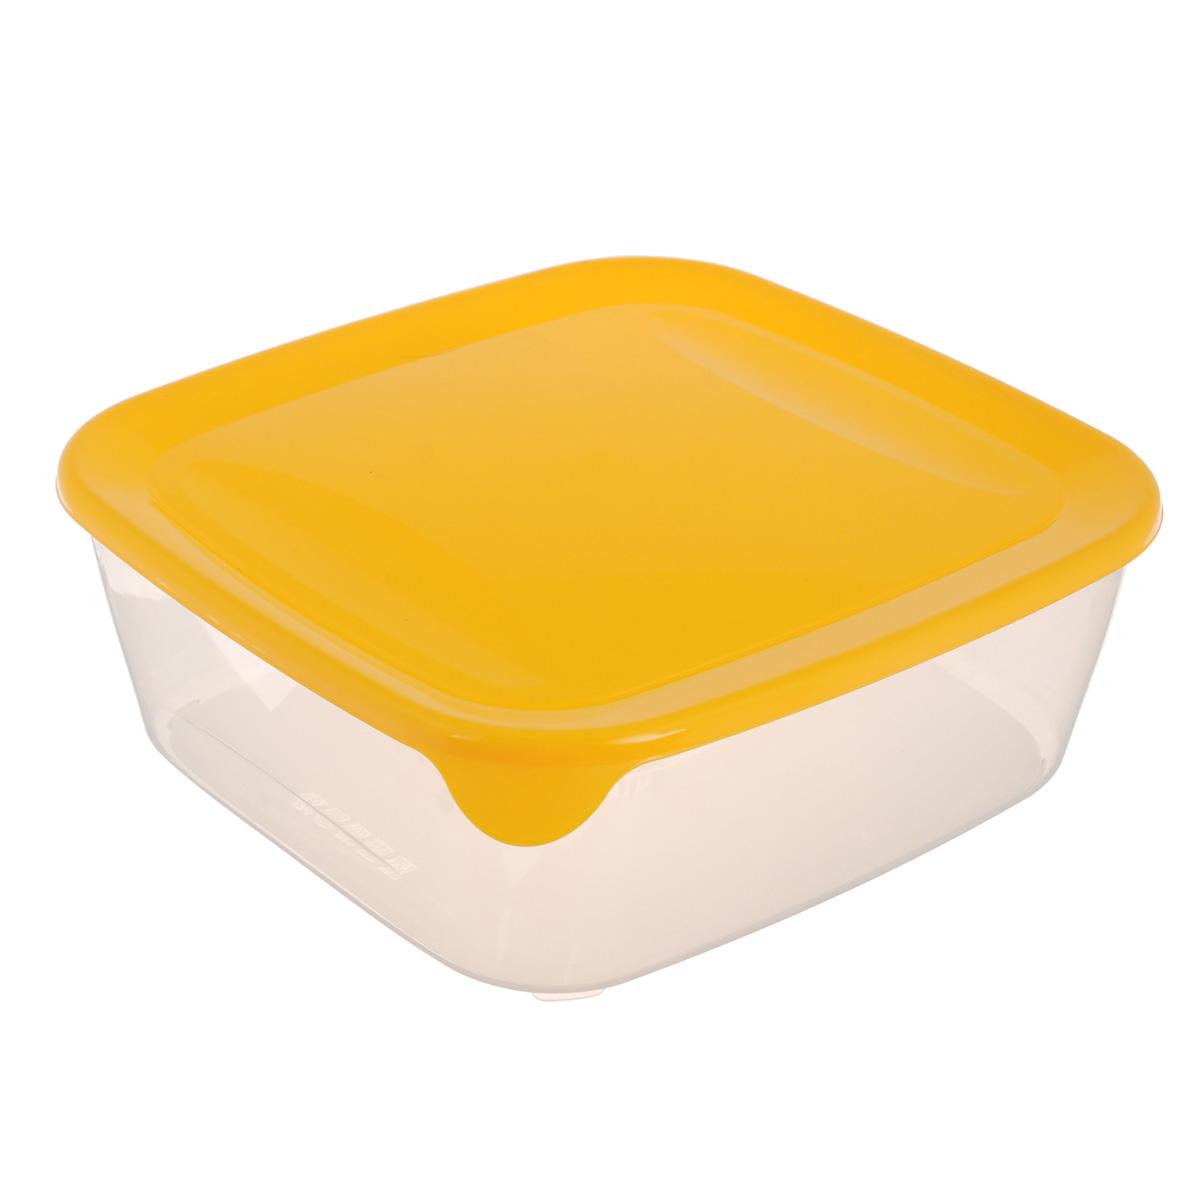 """Квадратная емкость для заморозки и СВЧ Curver """"Fresh & Go"""" изготовлена из высококачественного пищевого пластика (BPA free), который выдерживает температуру от -40°С до +100°С. Стенки емкости прозрачные, а крышка цветная. Она плотно закрывается, дольше сохраняя продукты свежими и вкусными. Емкость удобно брать с собой на работу, учебу, пикник или просто использовать для хранения пищи в холодильнике. Можно использовать в микроволновой печи и для заморозки в морозильной камере. Можно мыть в посудомоечной машине."""